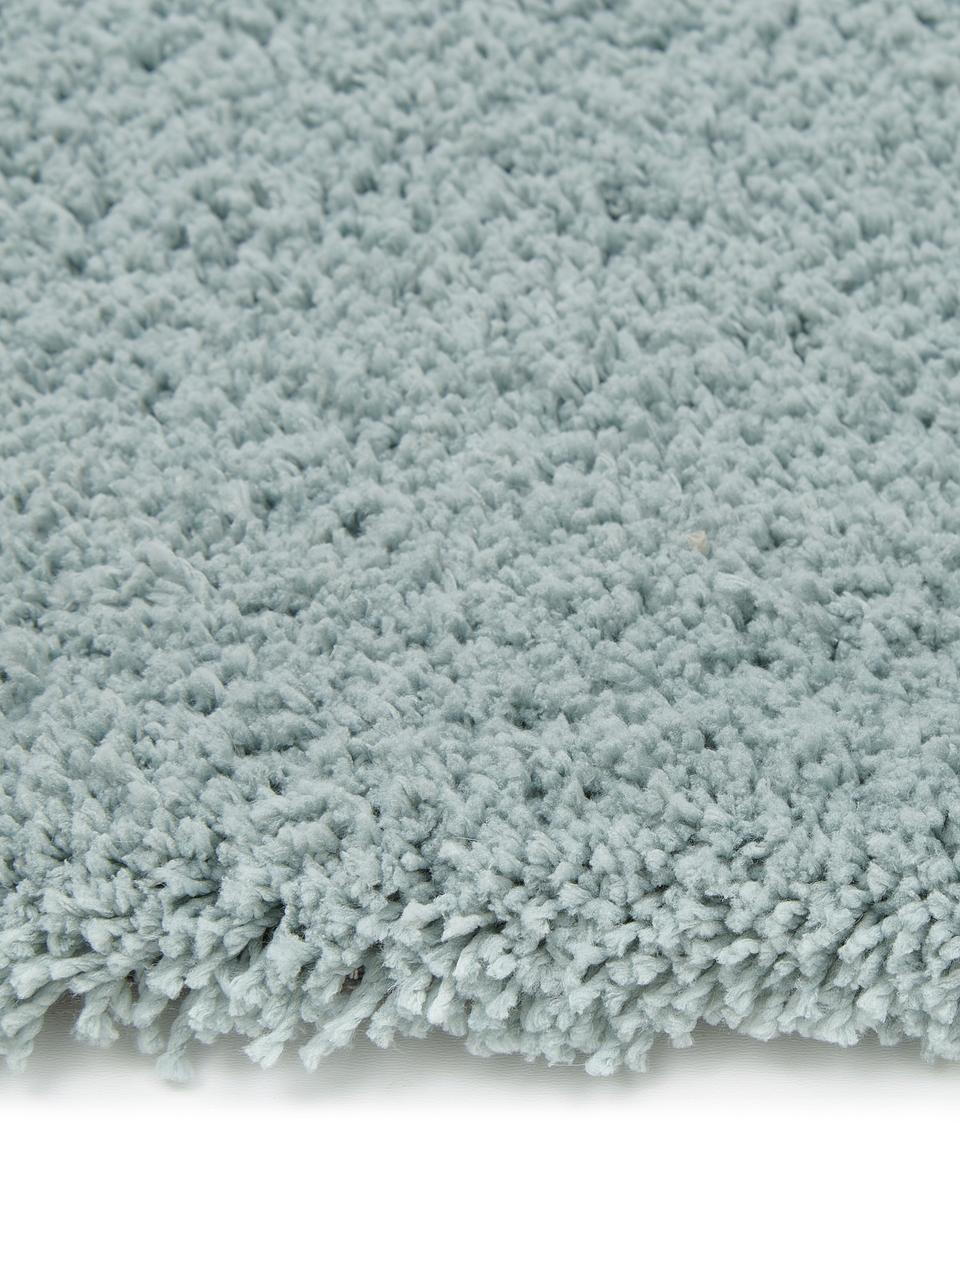 Flauschiger runder Hochflor-Teppich Leighton in Mintgrün, Flor: 100% Polyester (Mikrofase, Mintgrün, Ø 200 cm (Größe L)